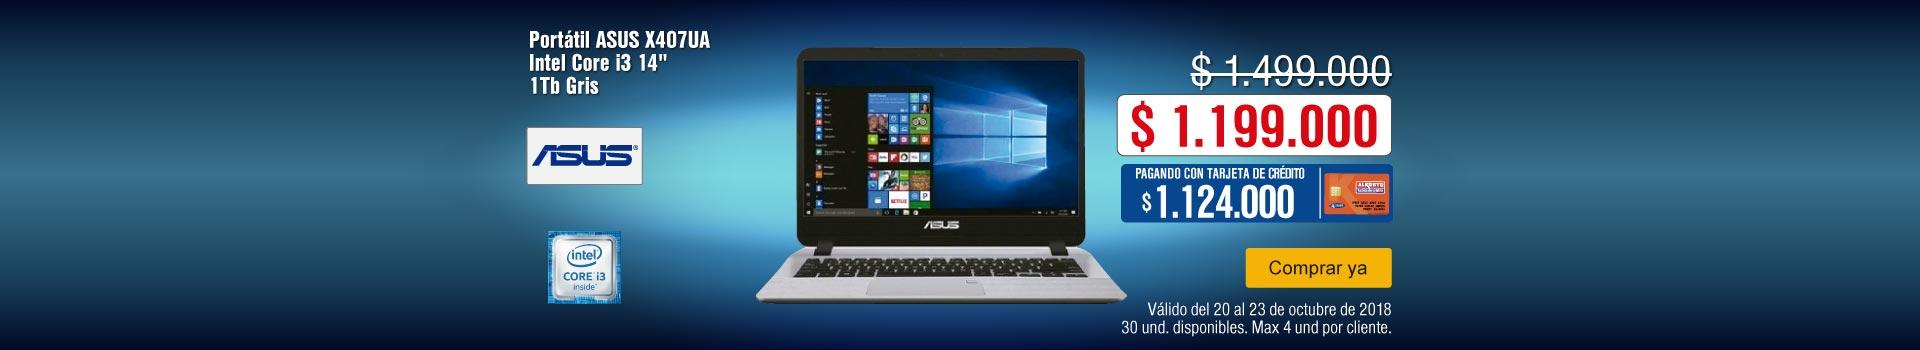 KT-BCAT-2-computadores y tablets-PP---Asus-Portátil X407UA-Oct20